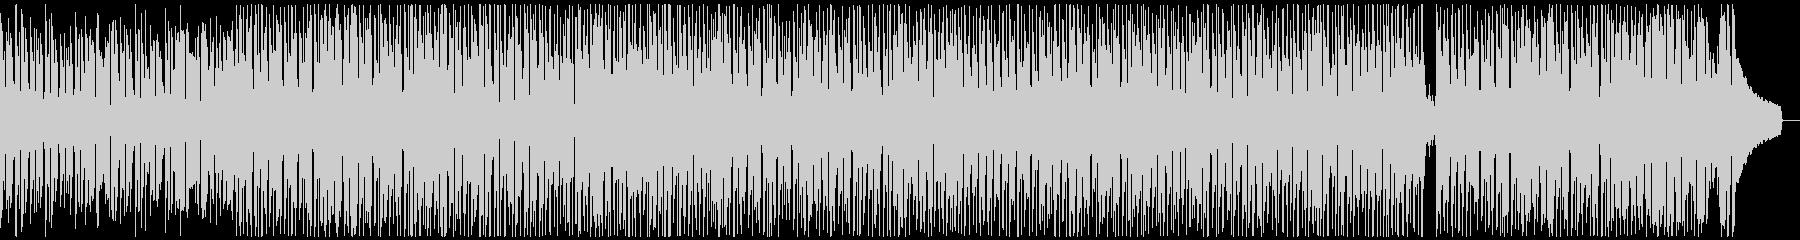 ウクレレと口笛の明るく楽しい元気なBGMの未再生の波形